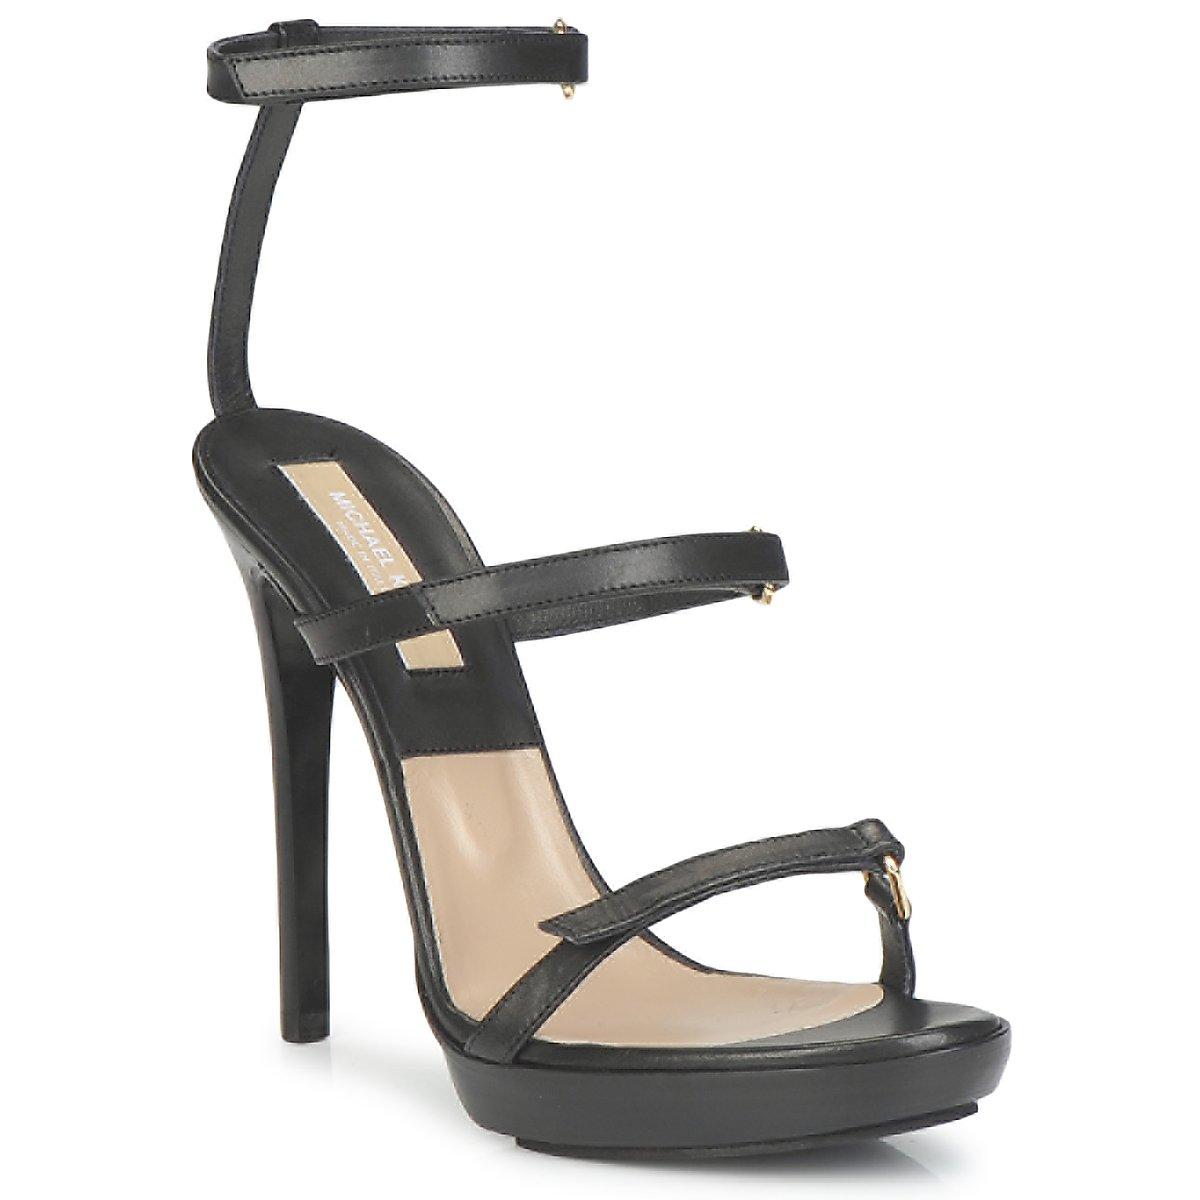 Sandale Michael Kors MK18031 Noir